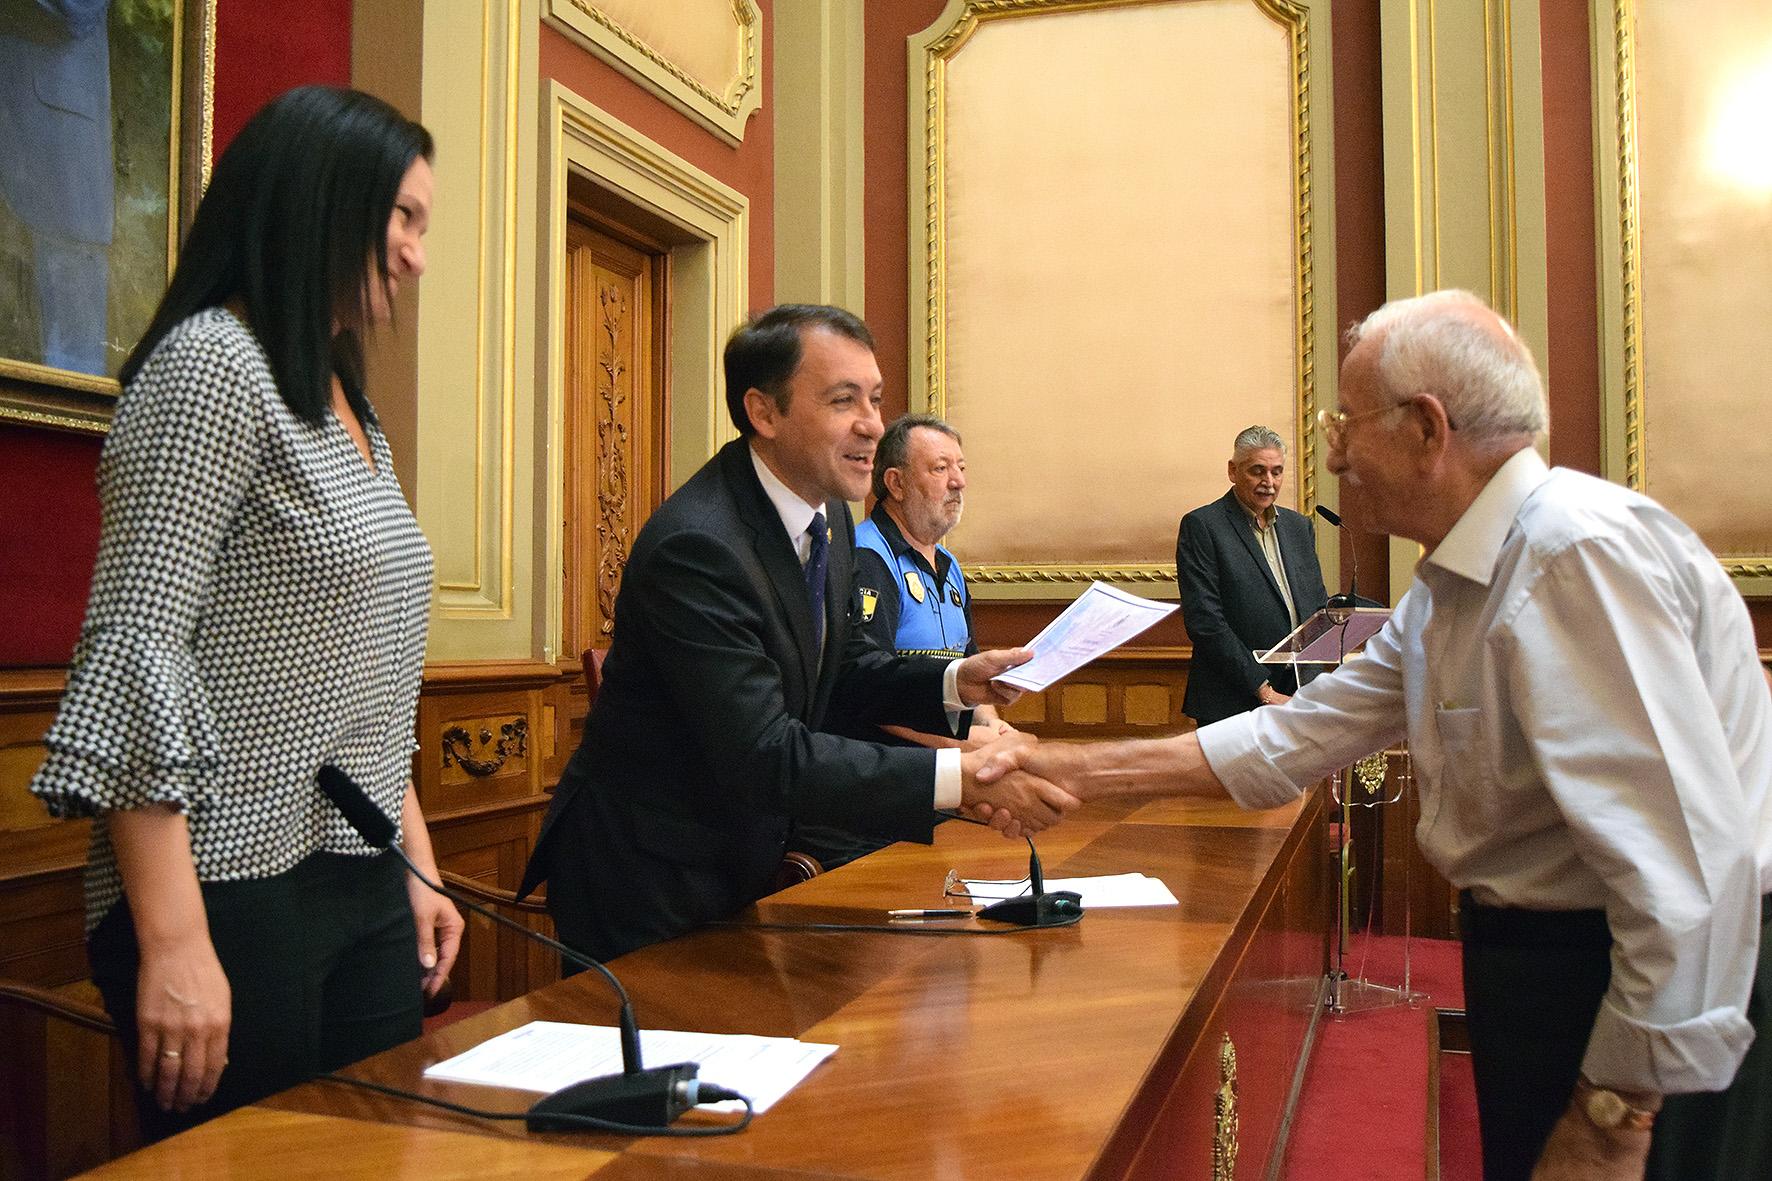 El alcalde de Santa Cruz de Tenerife, José Manuel Bermúdez saluda a un policía local jubilado